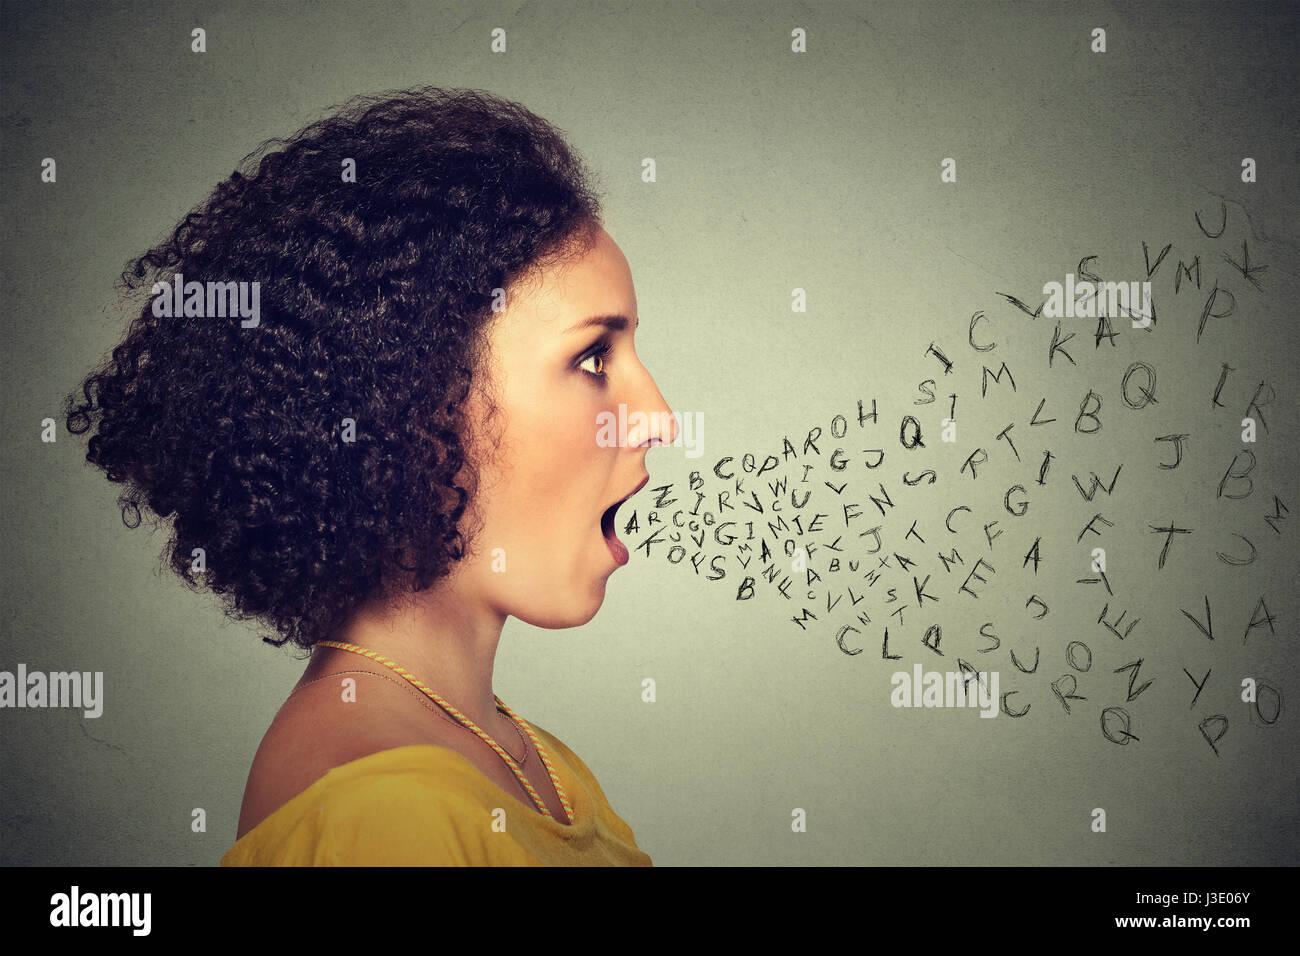 Donna che parla con alfabeto lettere provenienti dalla sua bocca. Comunicazione, informazione, concetto di intelligenza Immagini Stock